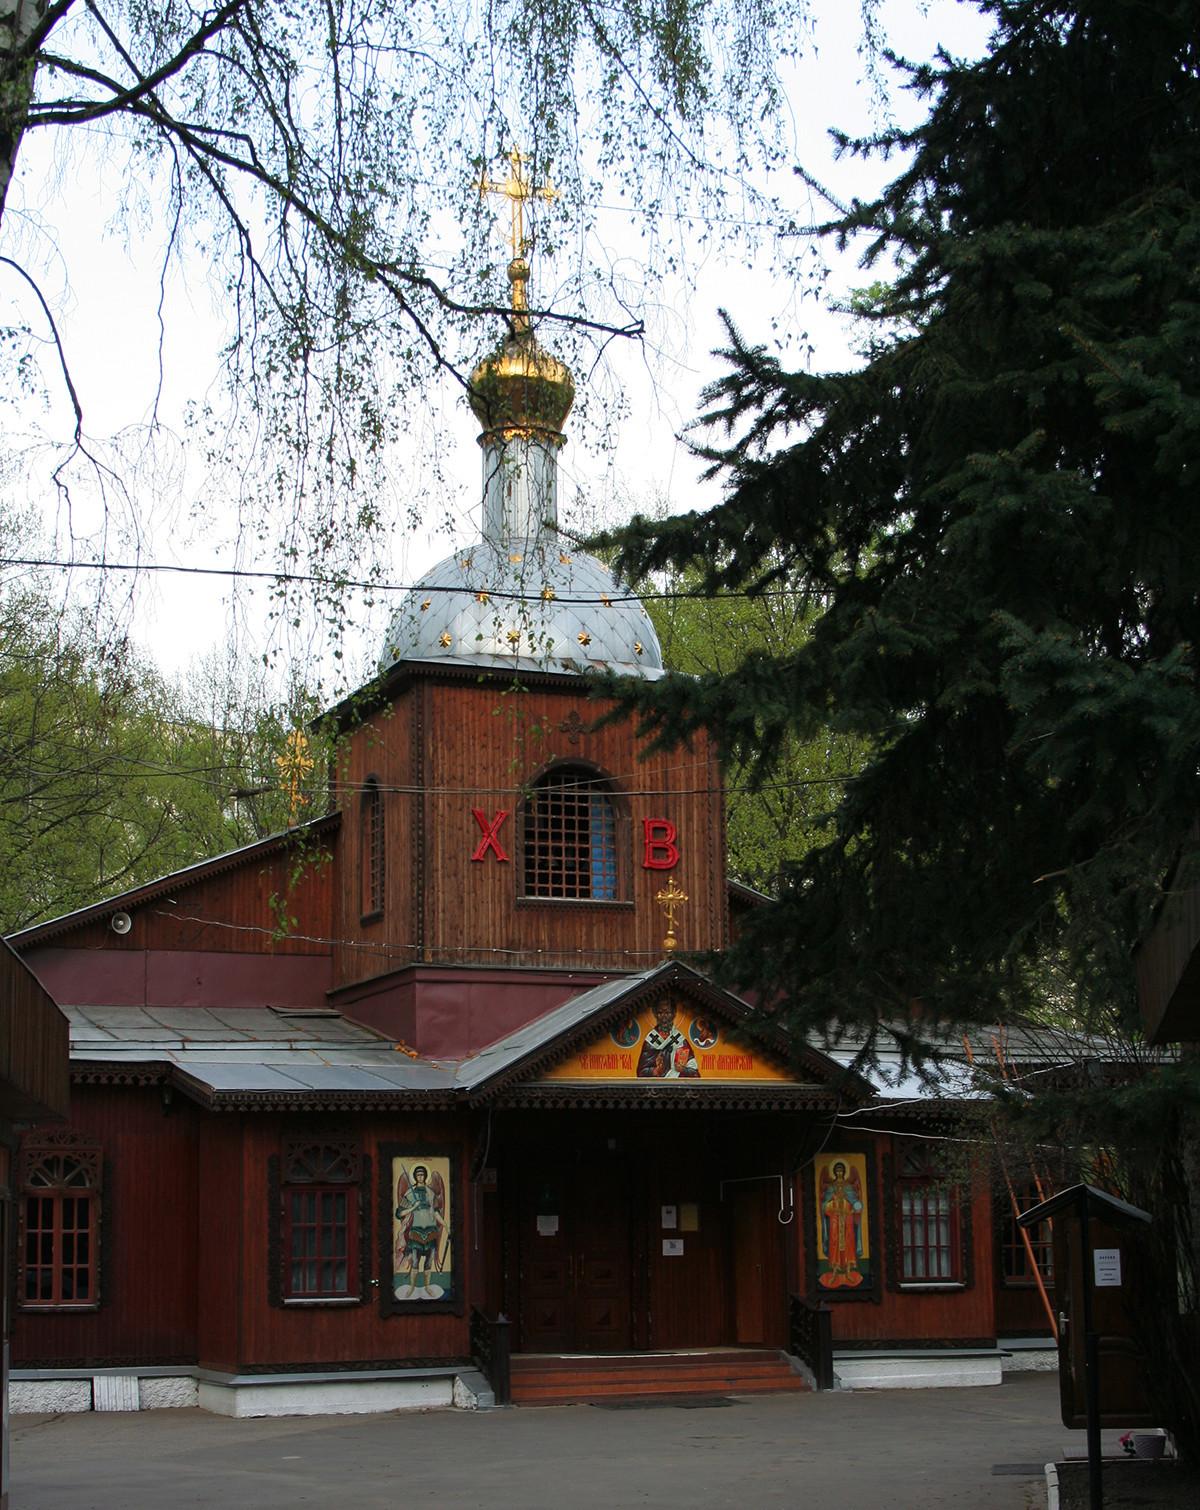 Cerkev svetega Nikolaja Čudodelnika v Birljuljovu, Moskva, 1956